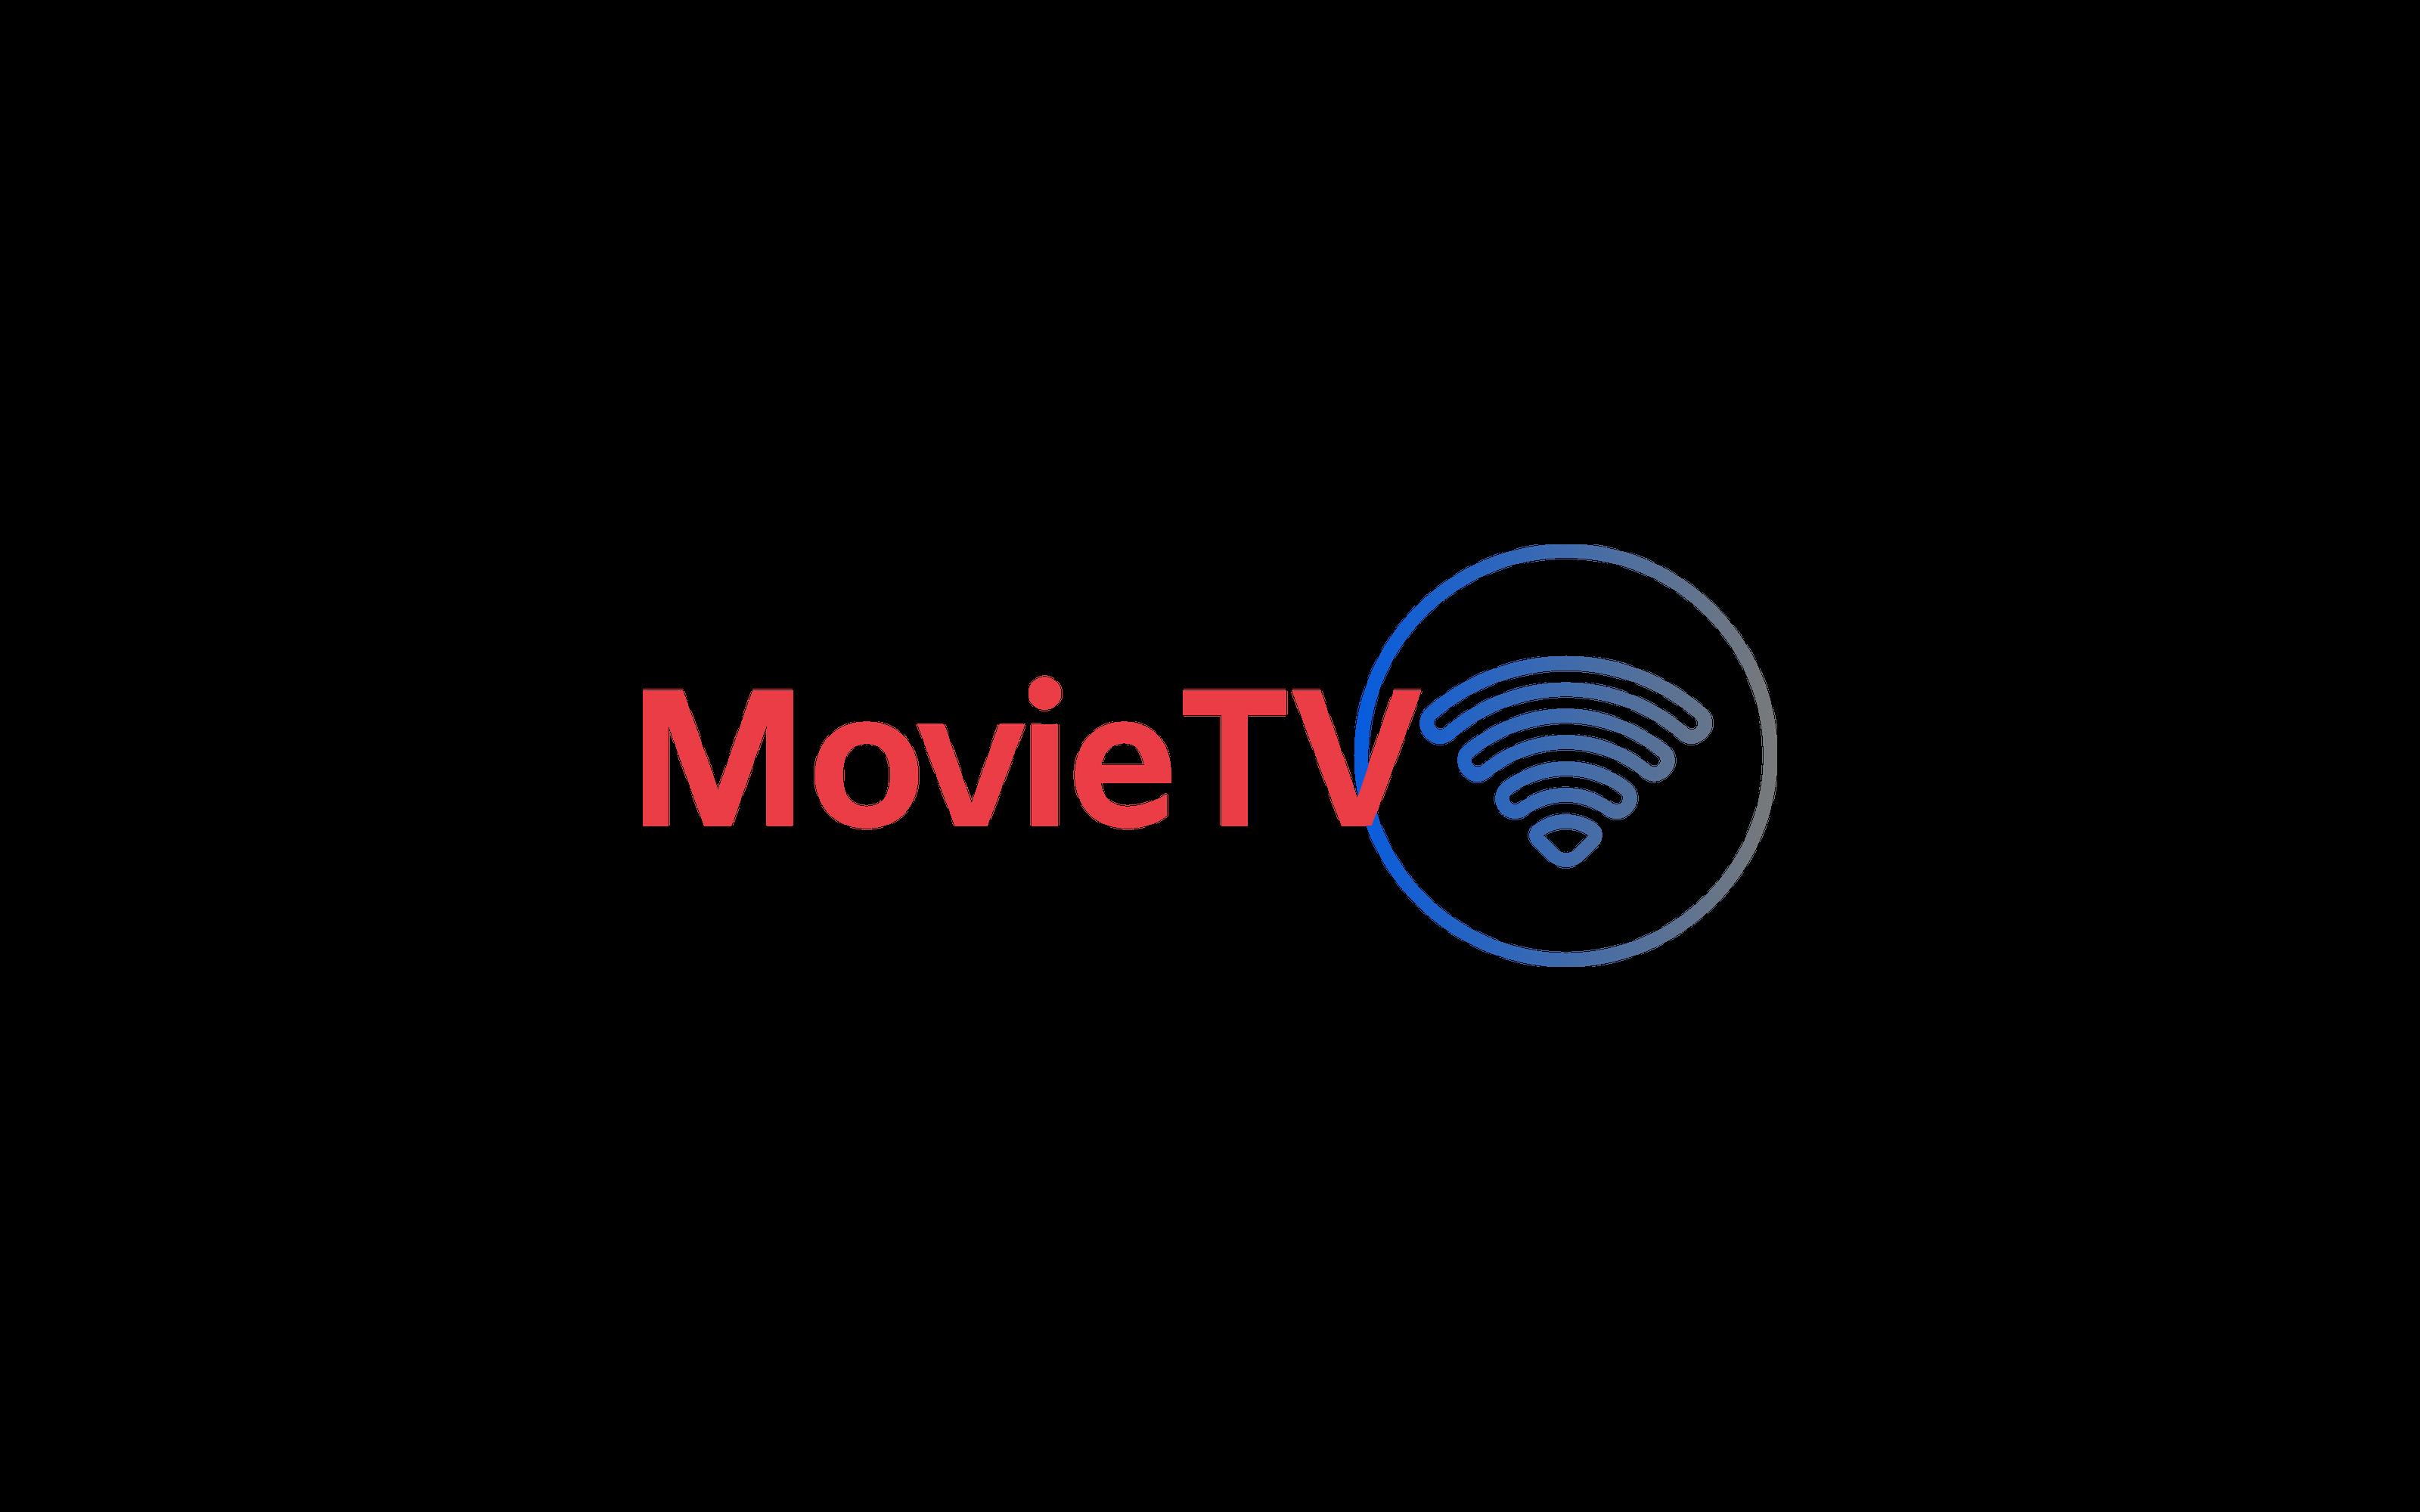 MOVIE TV